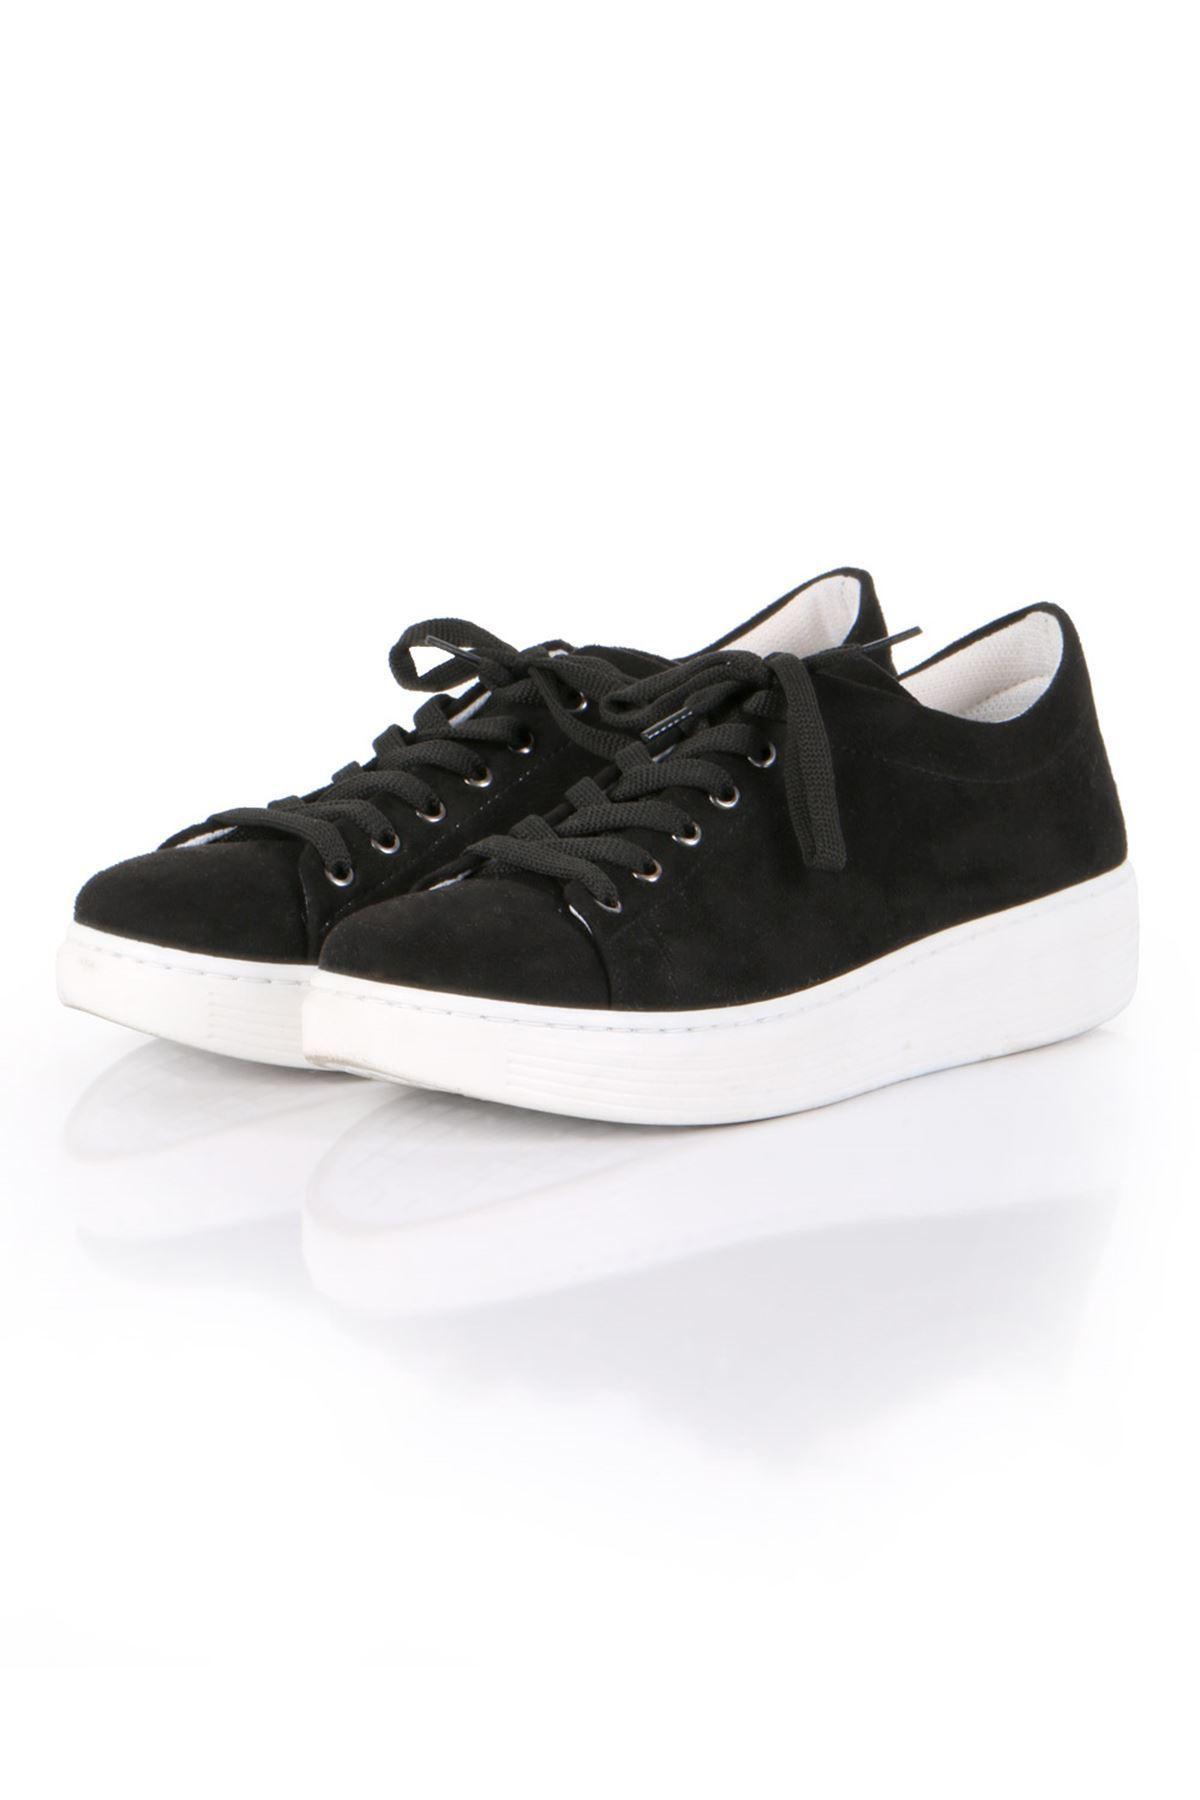 Siyah Süet Bağcıklı Spor Sneaker Ayakkabı